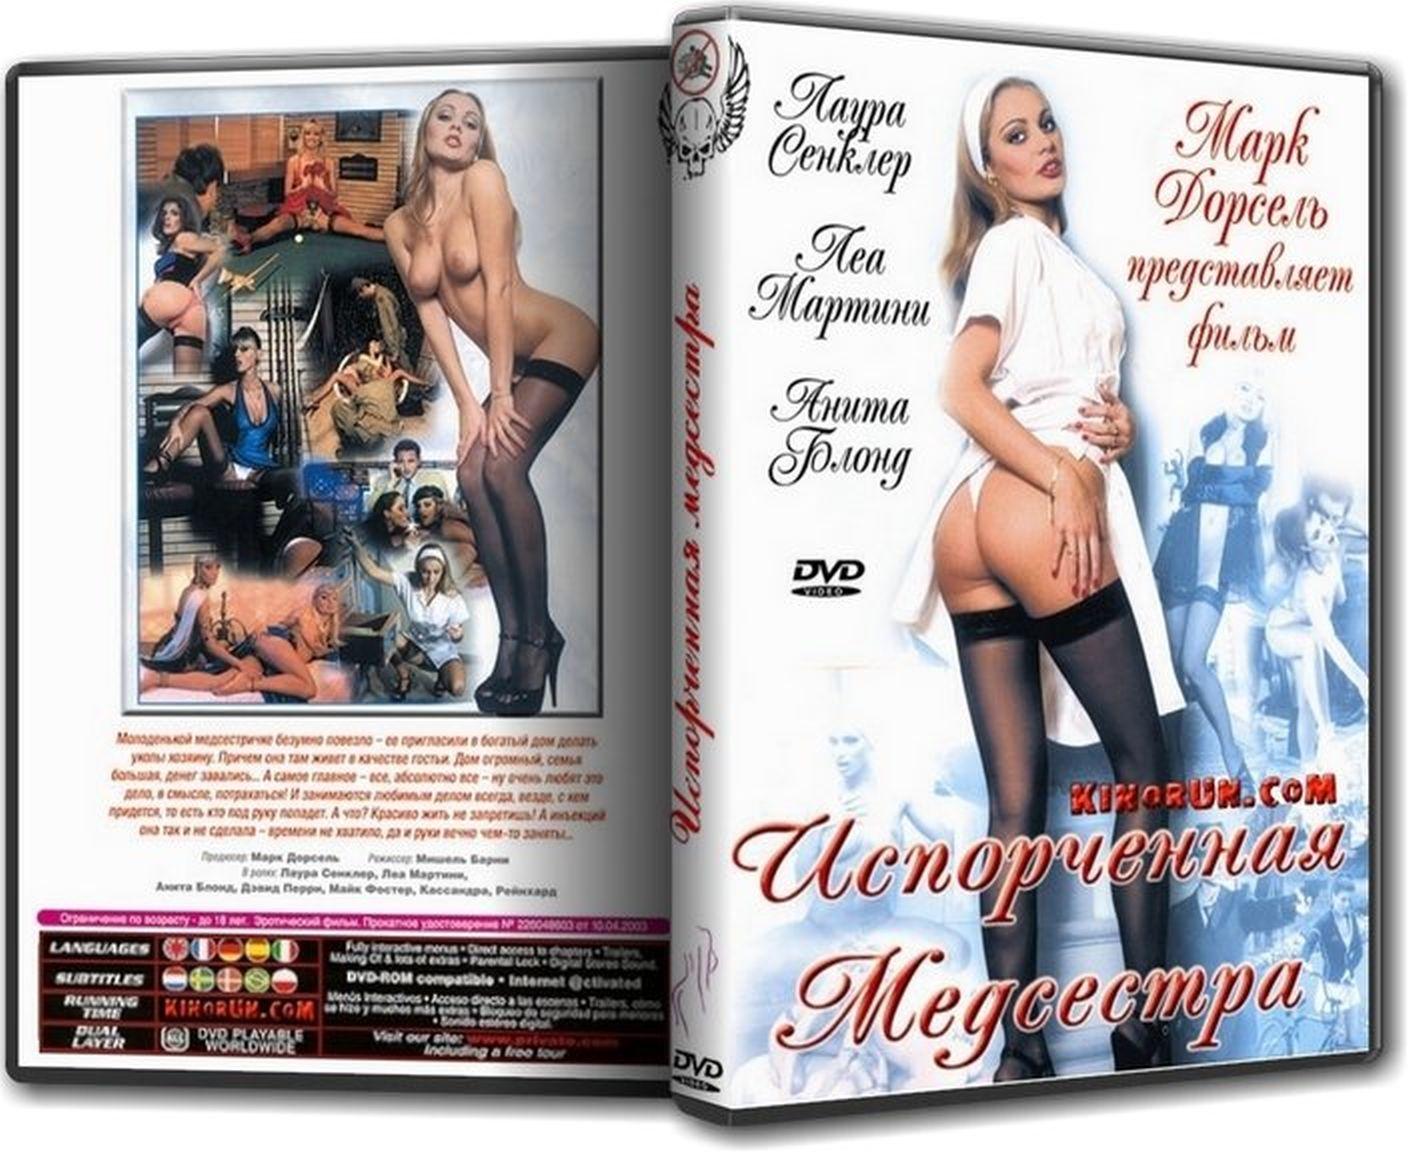 Порно порочная медсестра кино